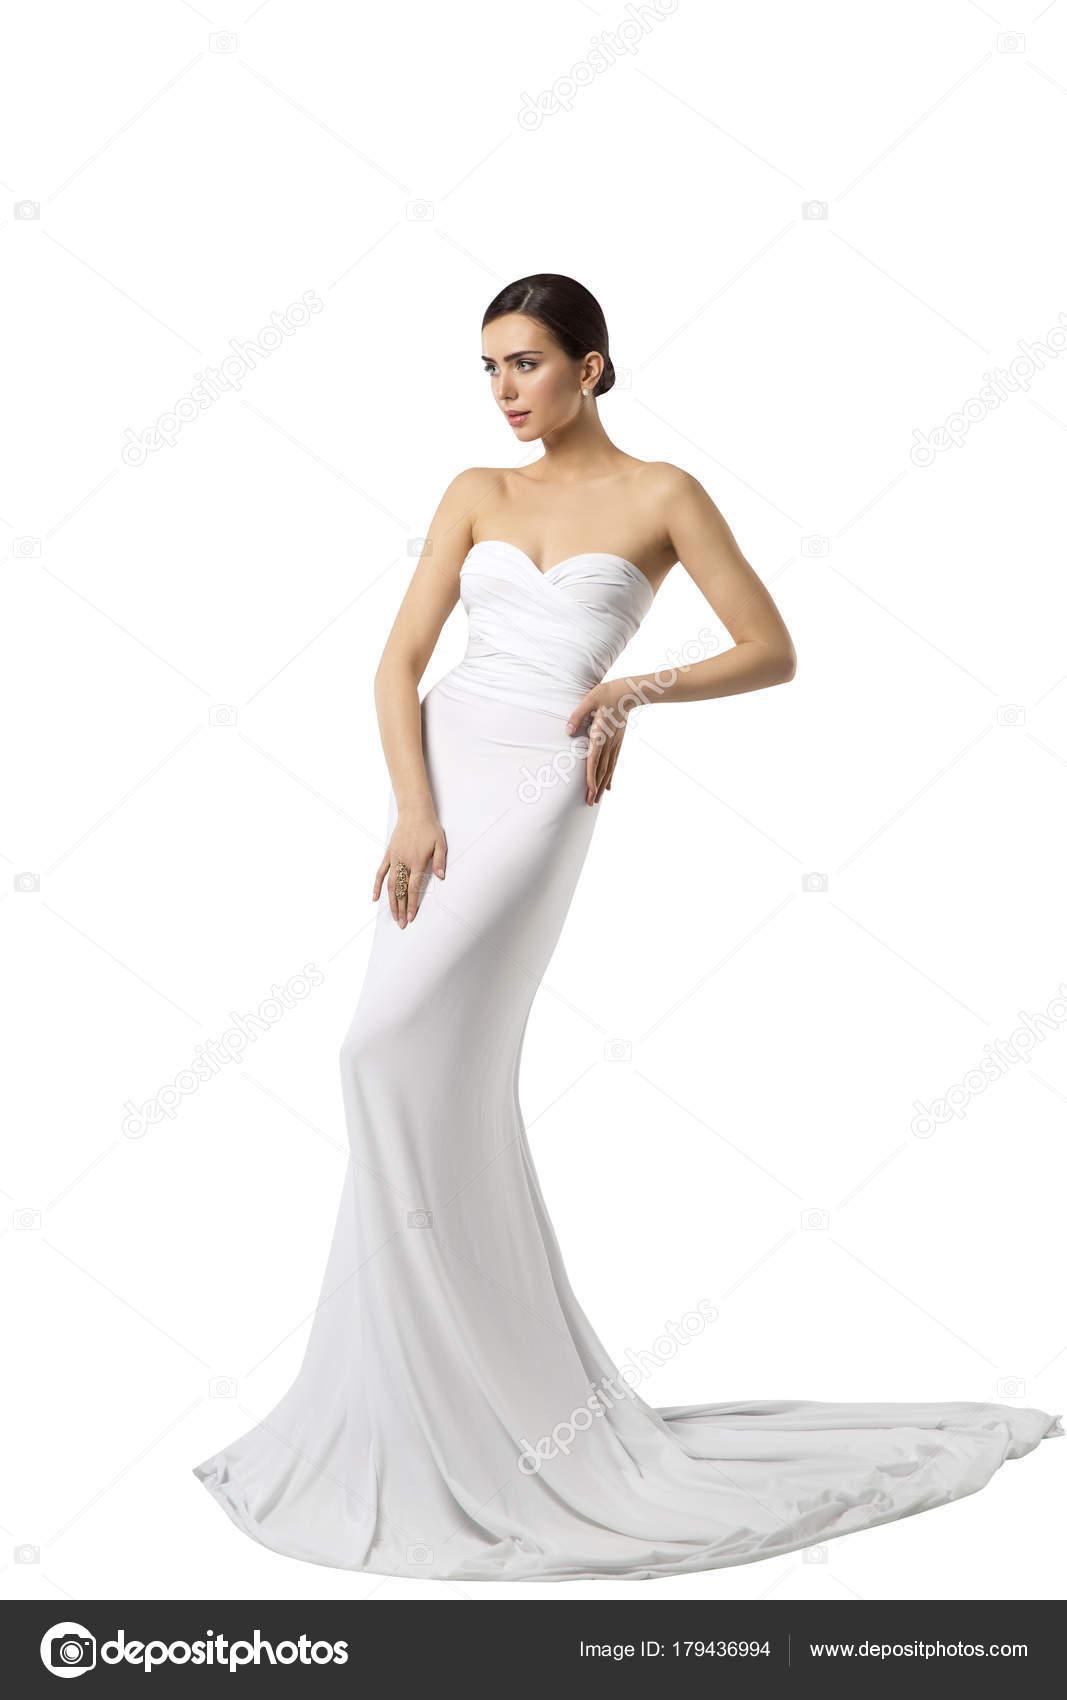 Mode Modell Braut Brautkleid, Frau Schönheit Kleid, lange weiße ...